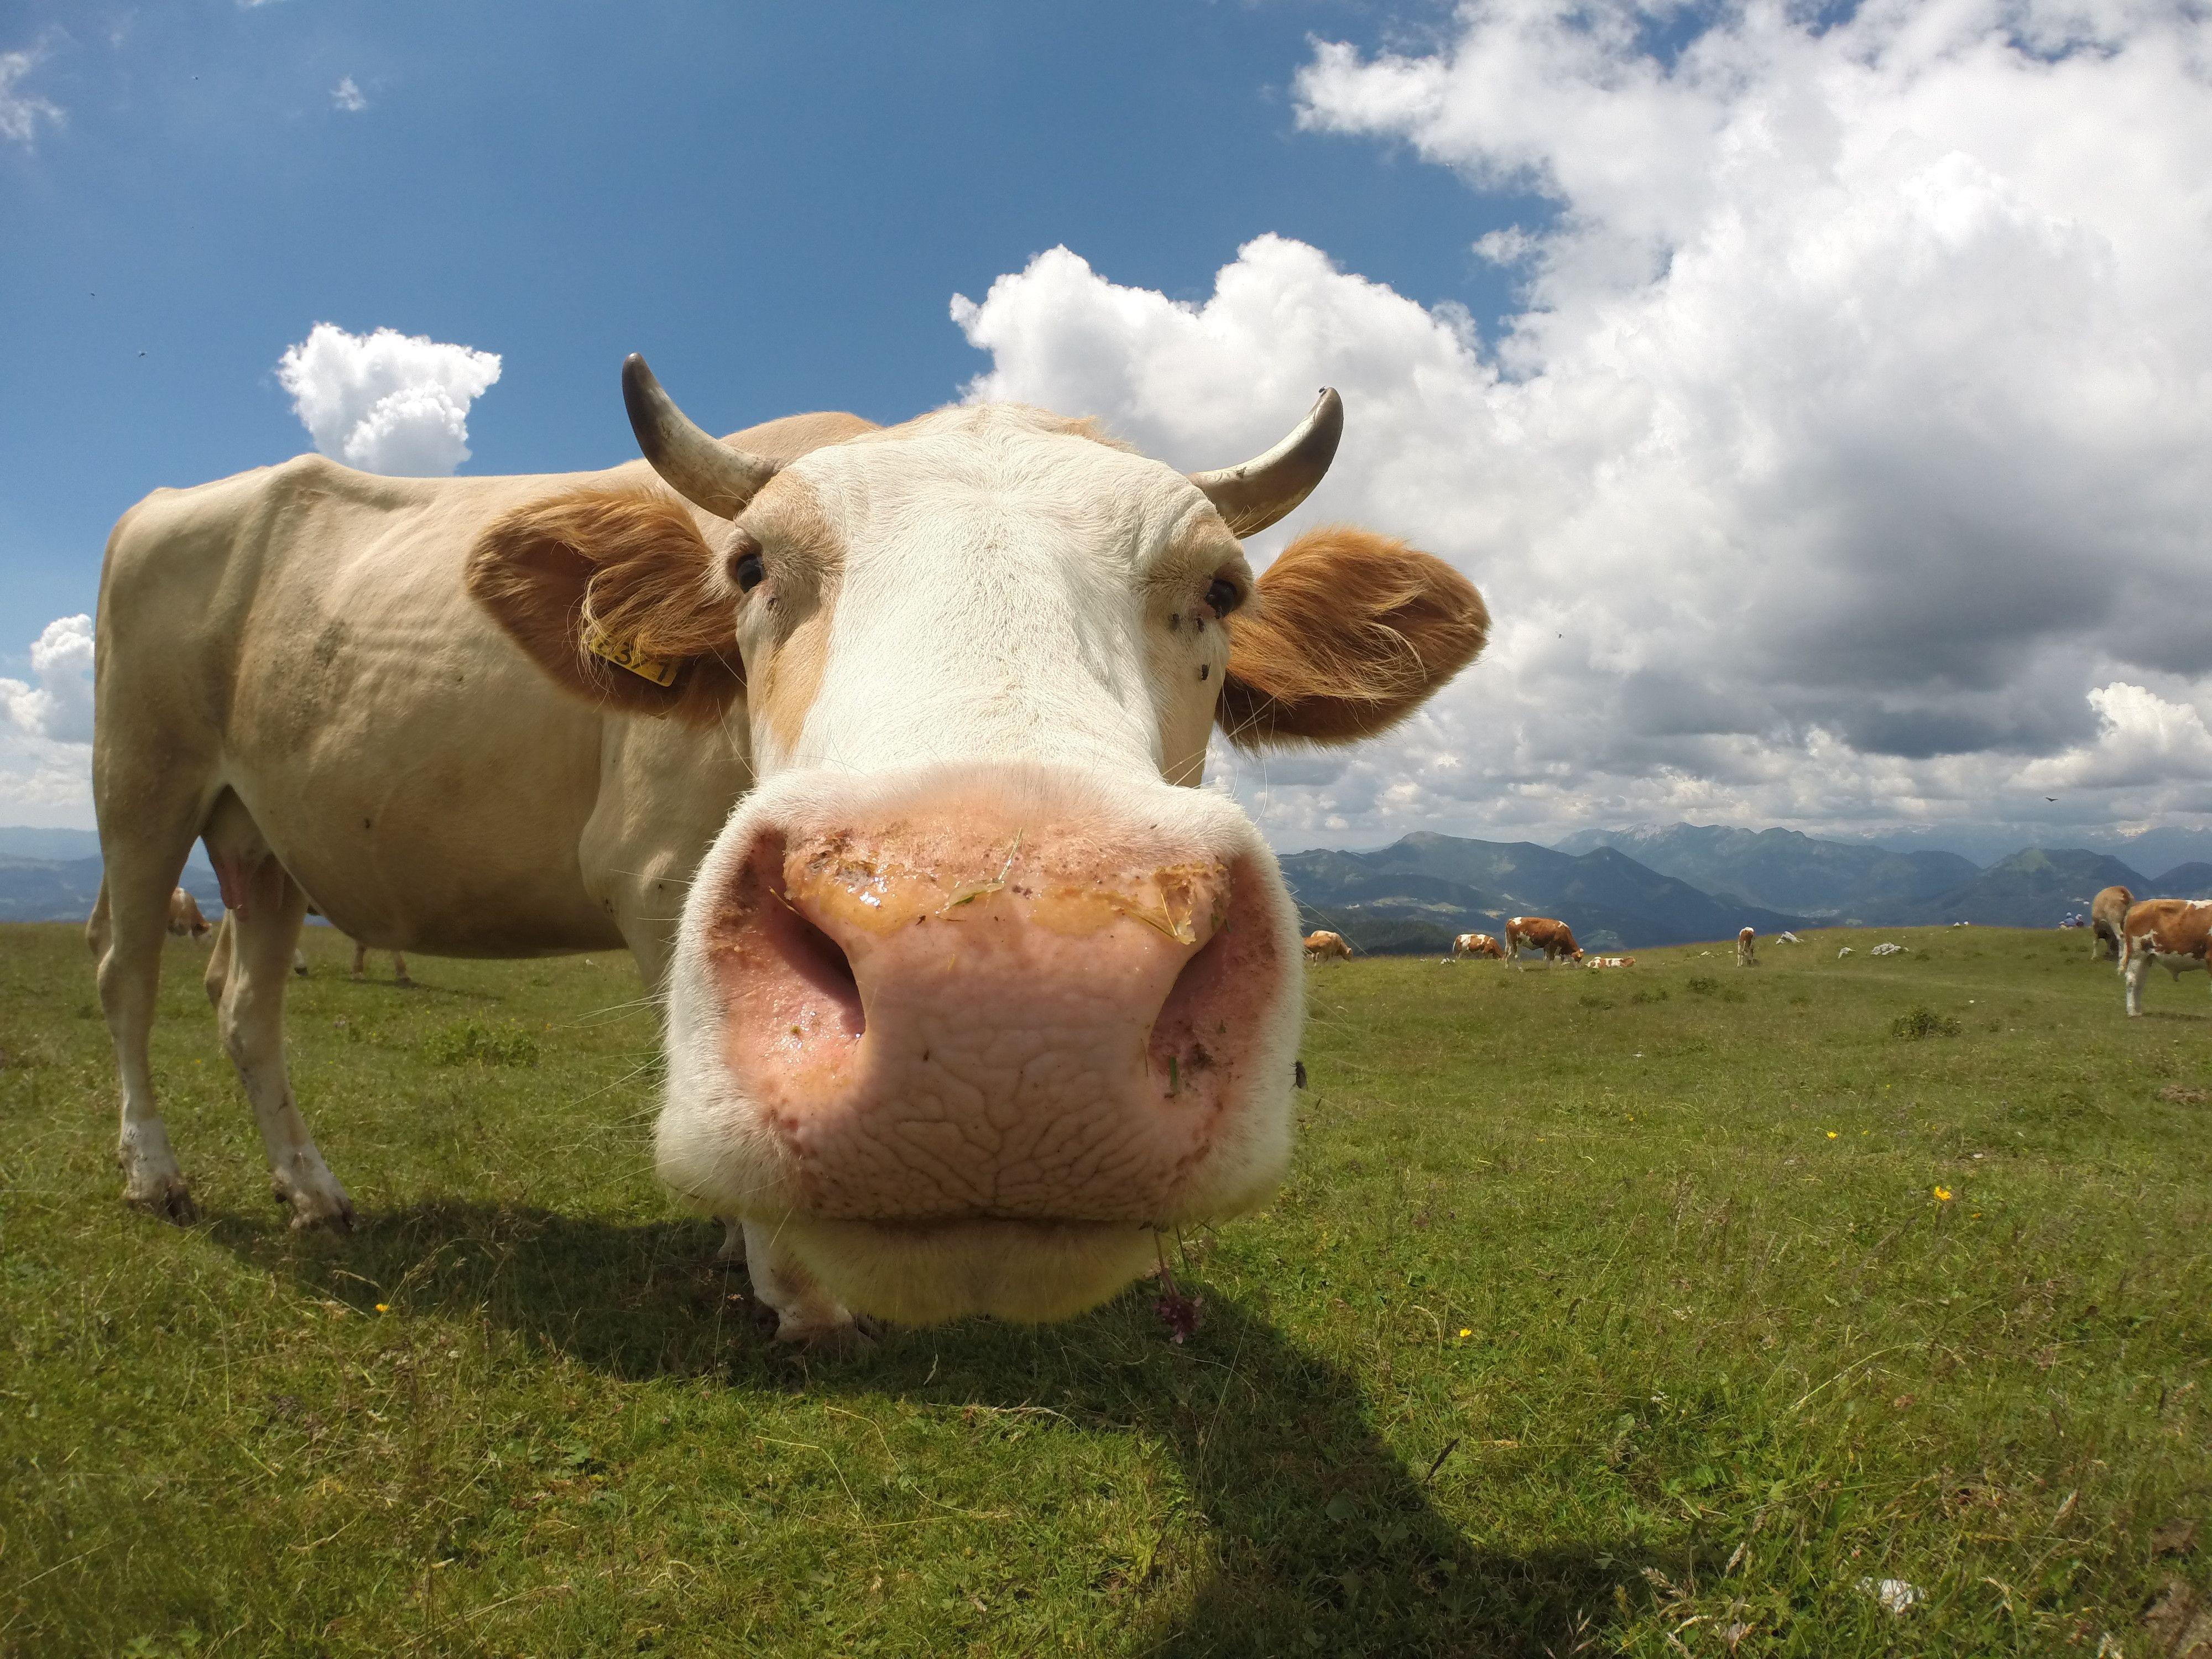 Смешная картинка с коровой